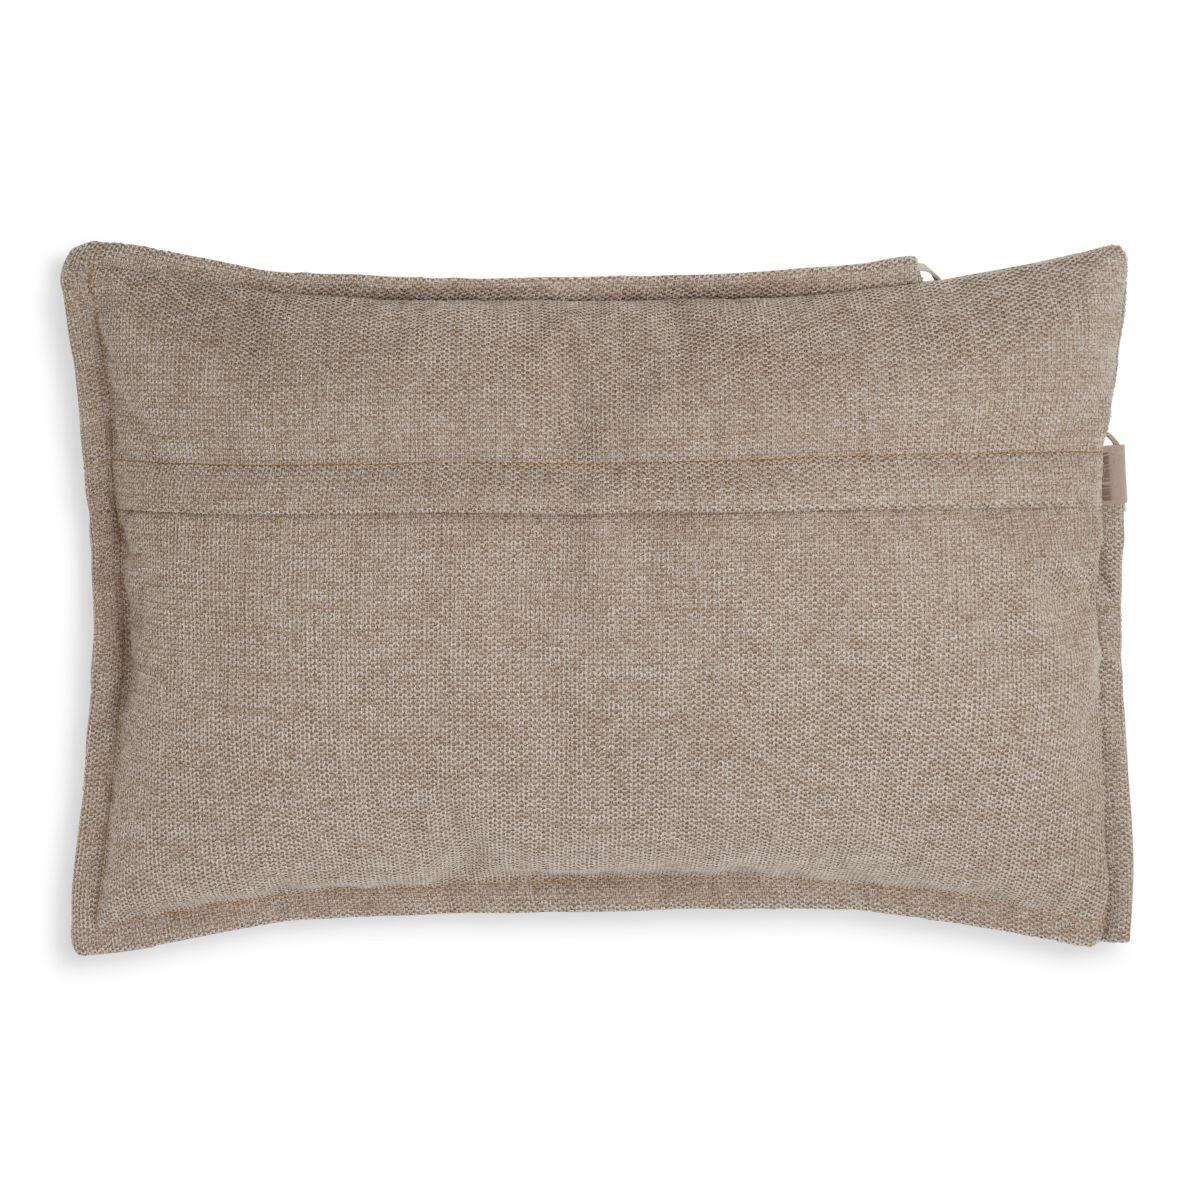 knit factory kf153013012 imre kussen beige 60x40 2